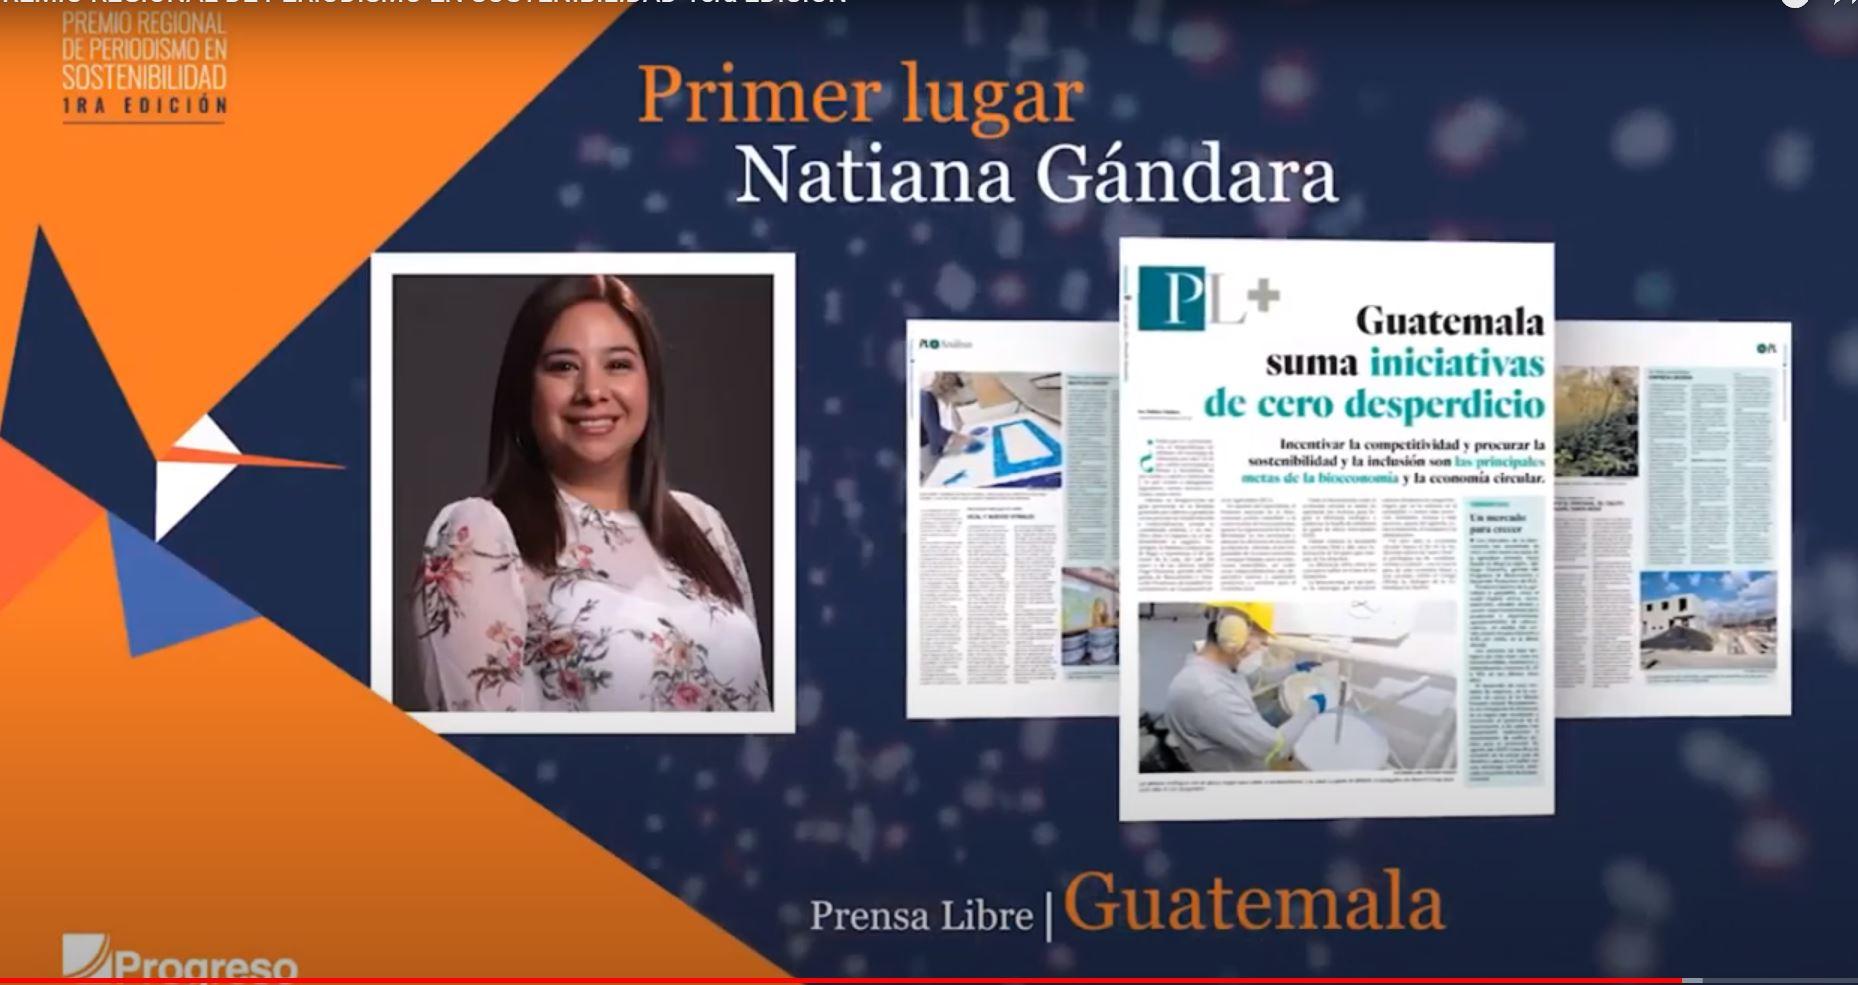 Periodista de Prensa Libre gana premio regional de sostenibilidad por informe Residuo Cero - Prensa Libre